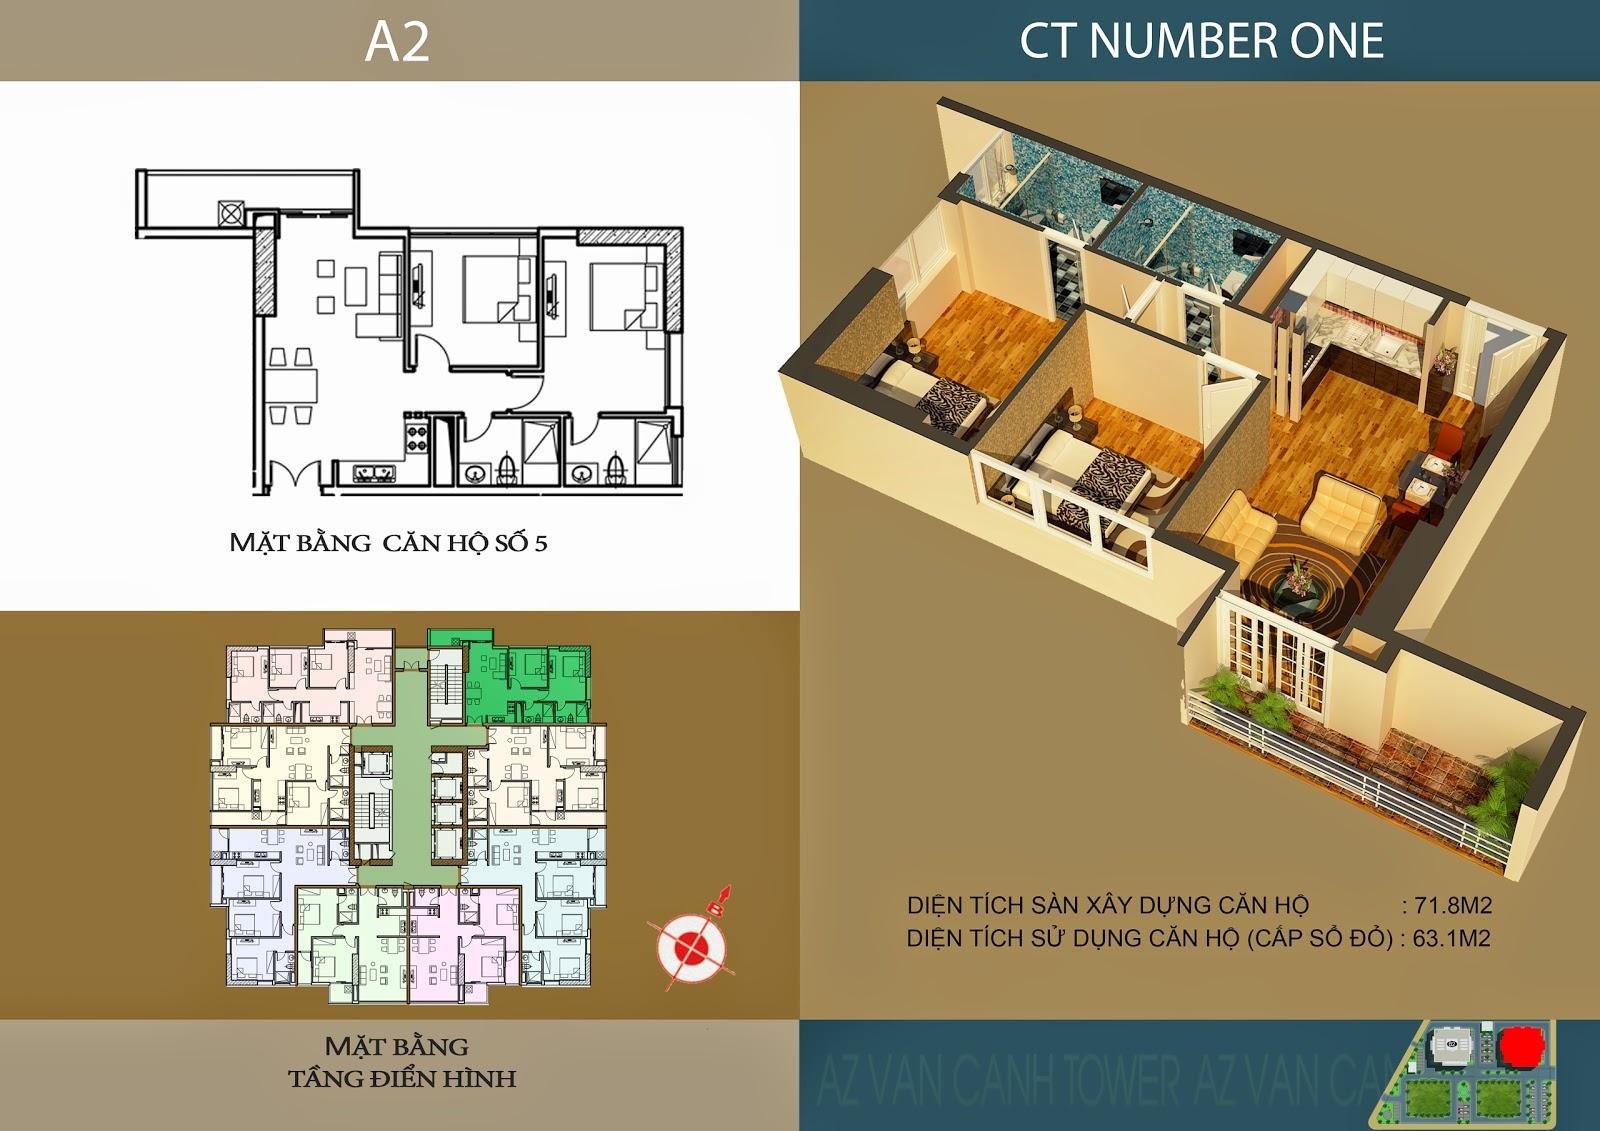 Căn số 5 - Diện tích 71.8m2 tại tòa A2 Chung cư CT Number One